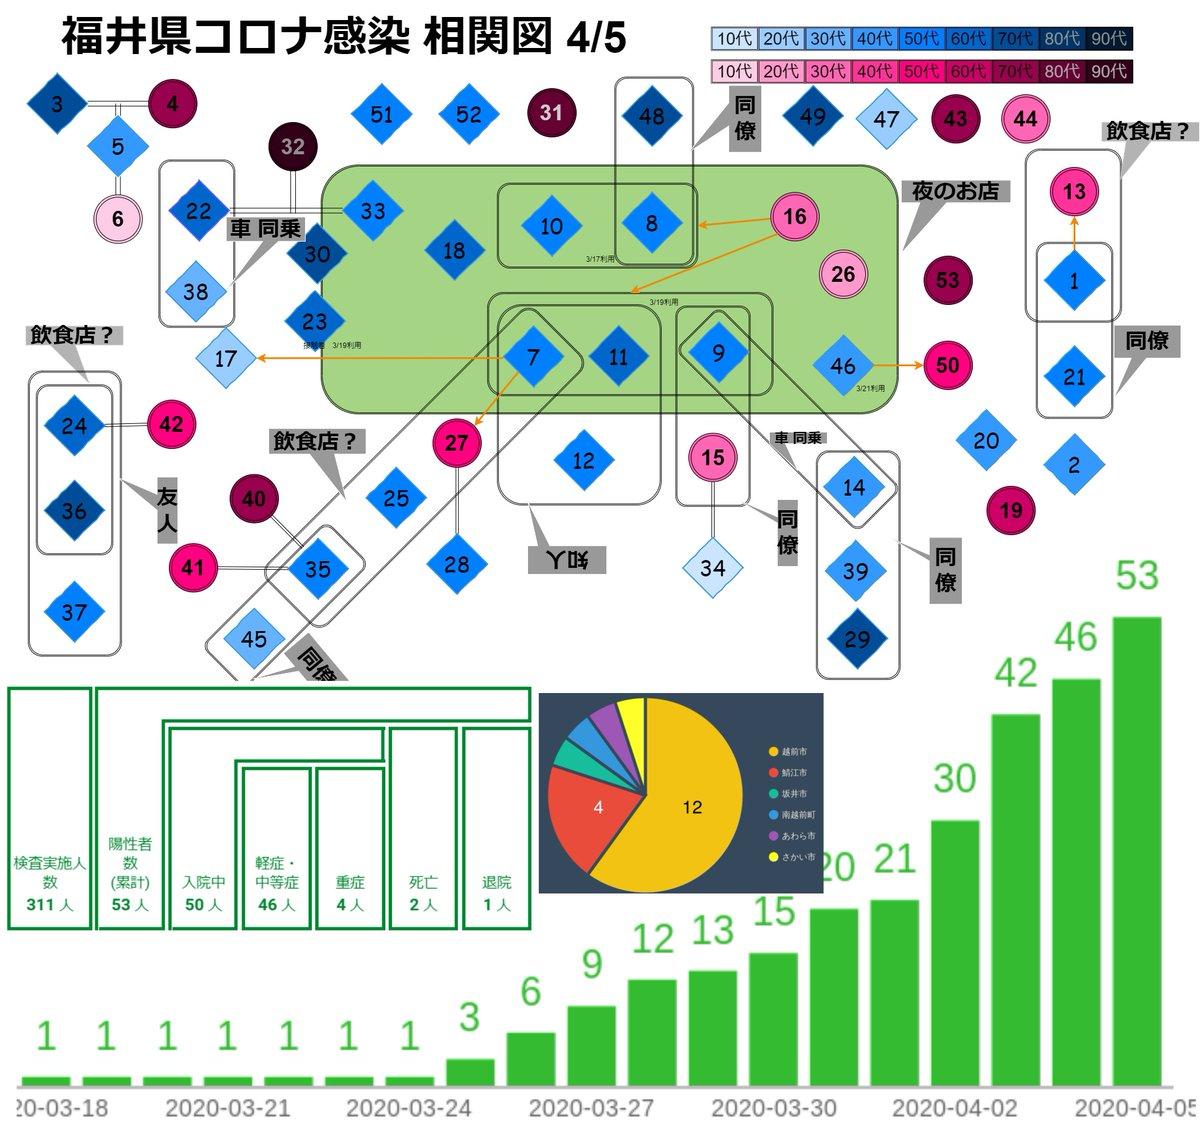 県 コロナ 相関 図 ウイルス 福井